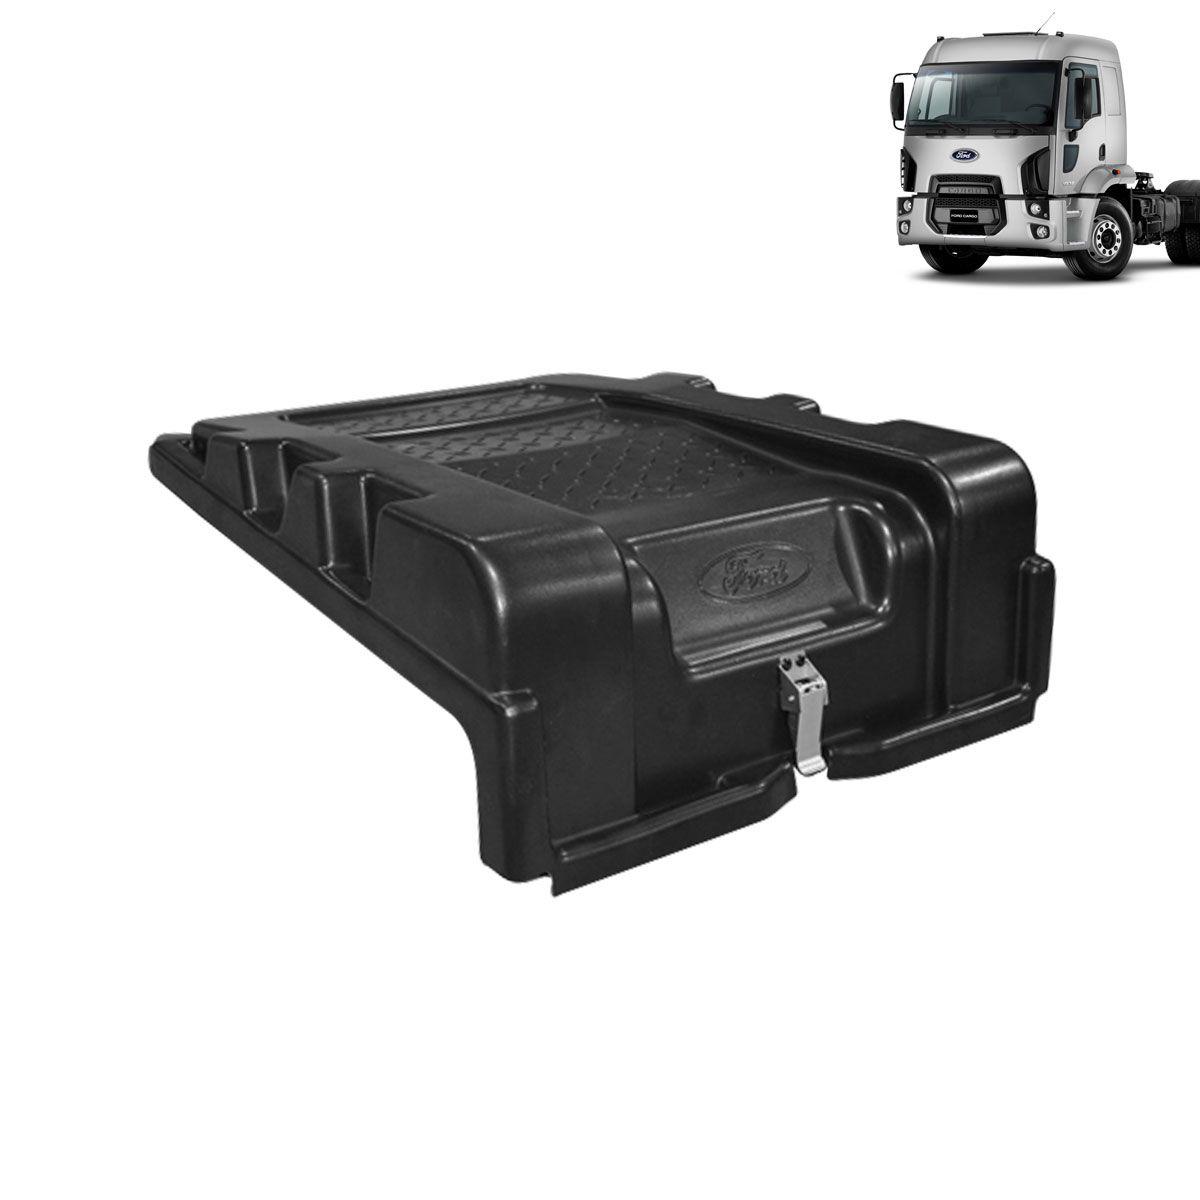 Tampa Bateria para Caminhão Ford Cargo A Partir de 2012